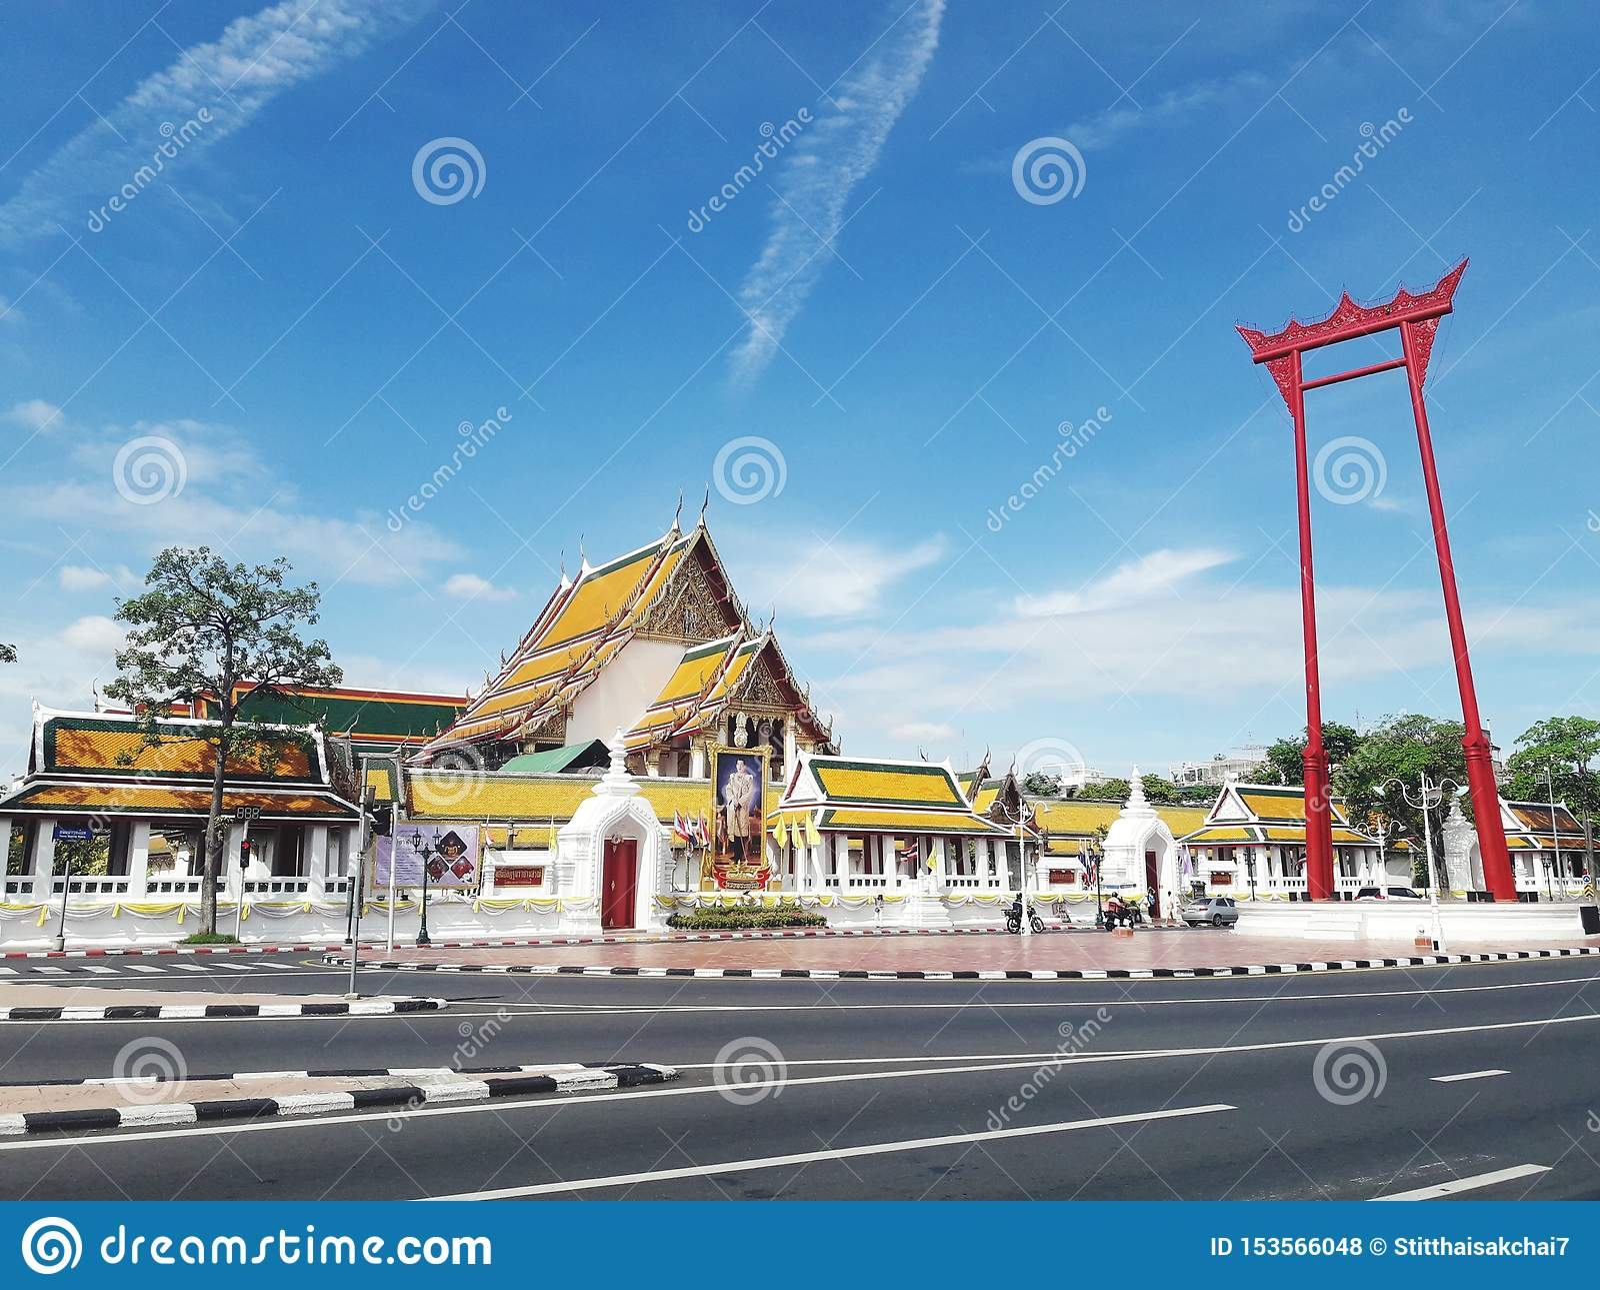 Das riesige Schwingen (Sao Ching Cha) ist eine fromme Struktur in Bangkok, Thailand